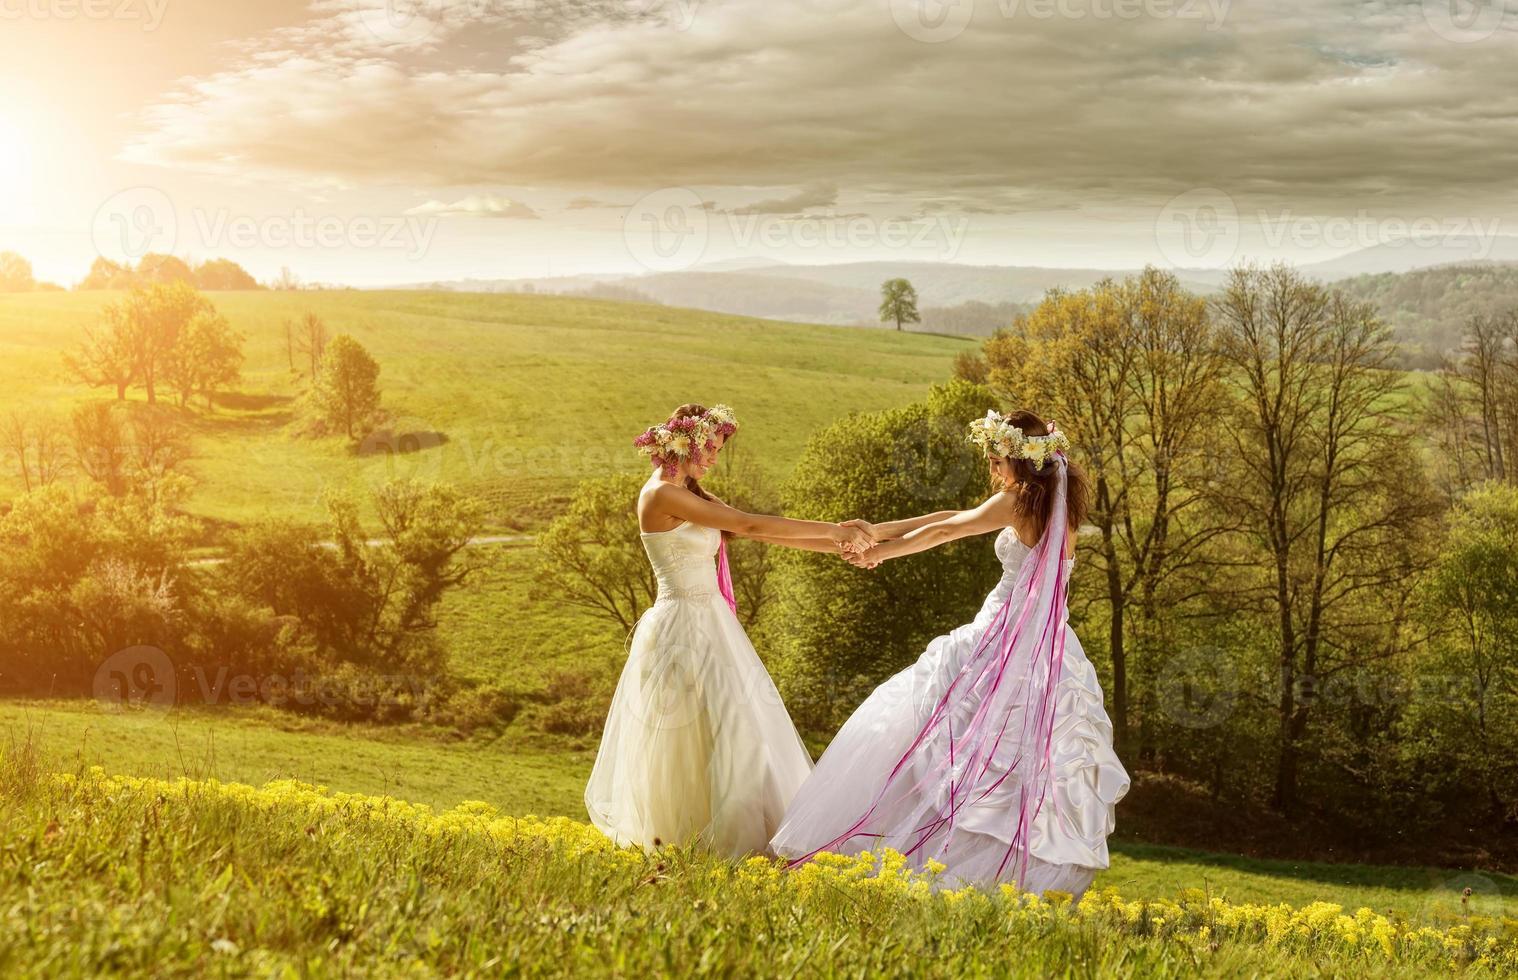 2 linda noiva pela manhã, prado idílico, símbolo da amizade foto